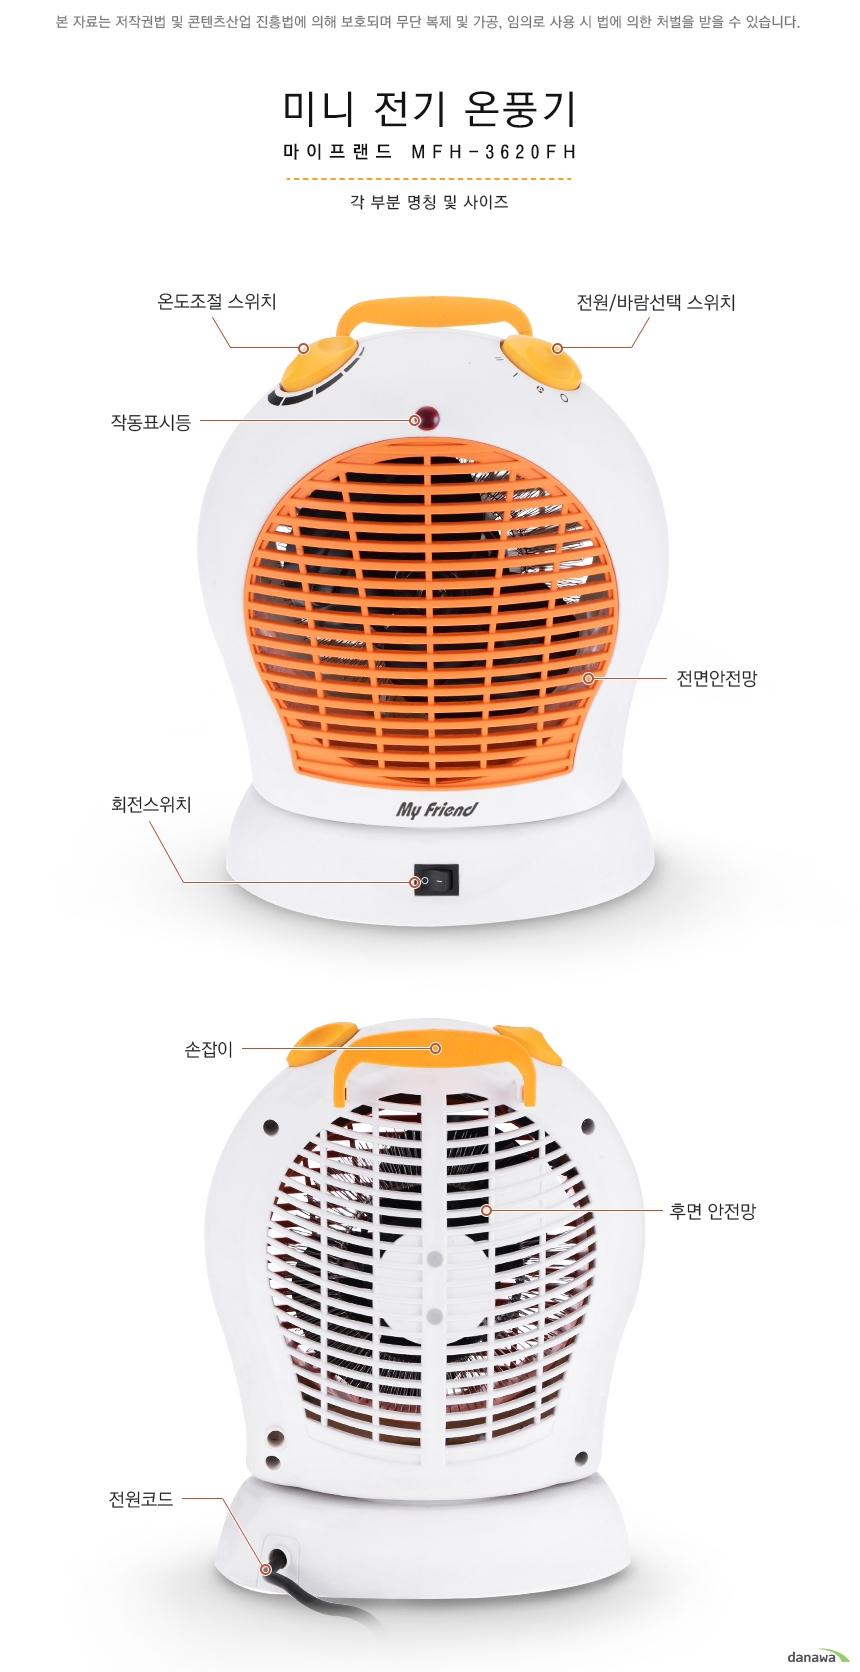 미니 전기 온풍기 마이프랜드 MFH-3620FH 각 부분 명칭 및 사이즈 온도조절 스위치 전원/바람선택 스위치 작동표시등 전면안전망 회전스위치 손잡이 후면 안전망 전원코드